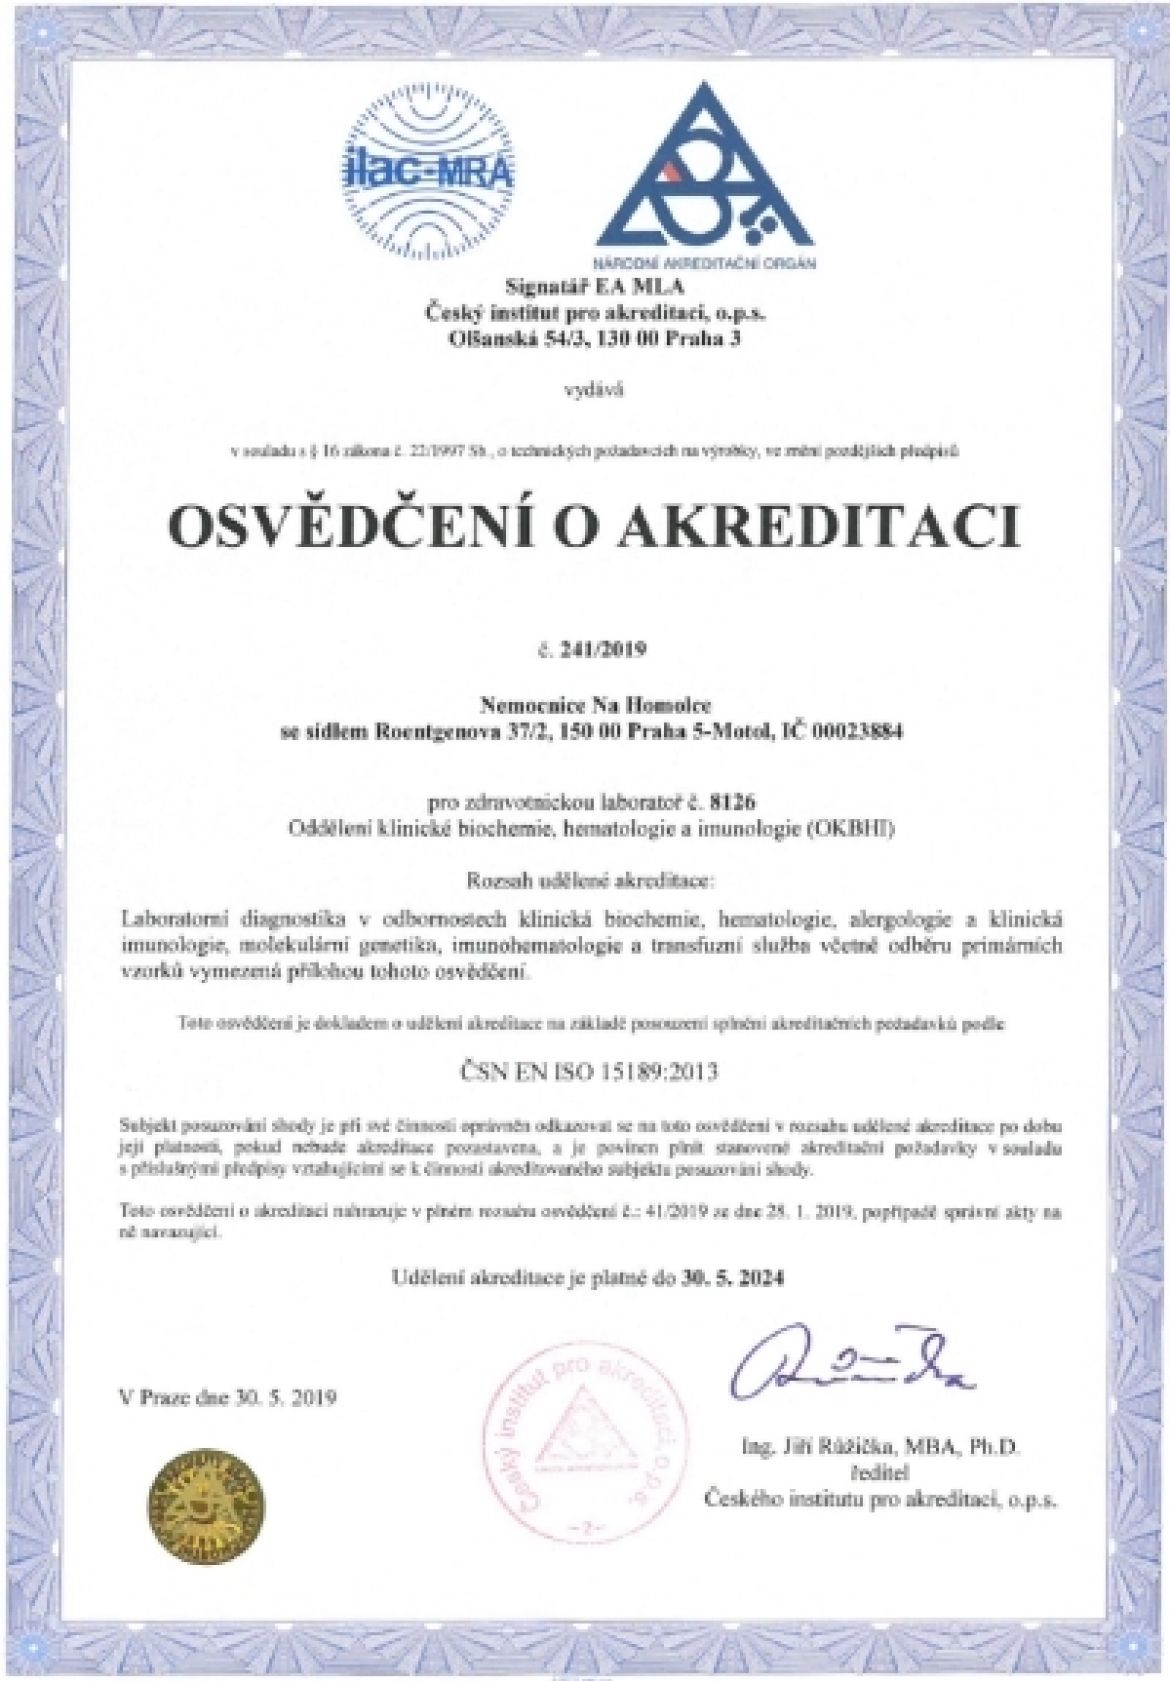 Oddělení klinické biochemie, hematologie a imunologie (OKBHI)